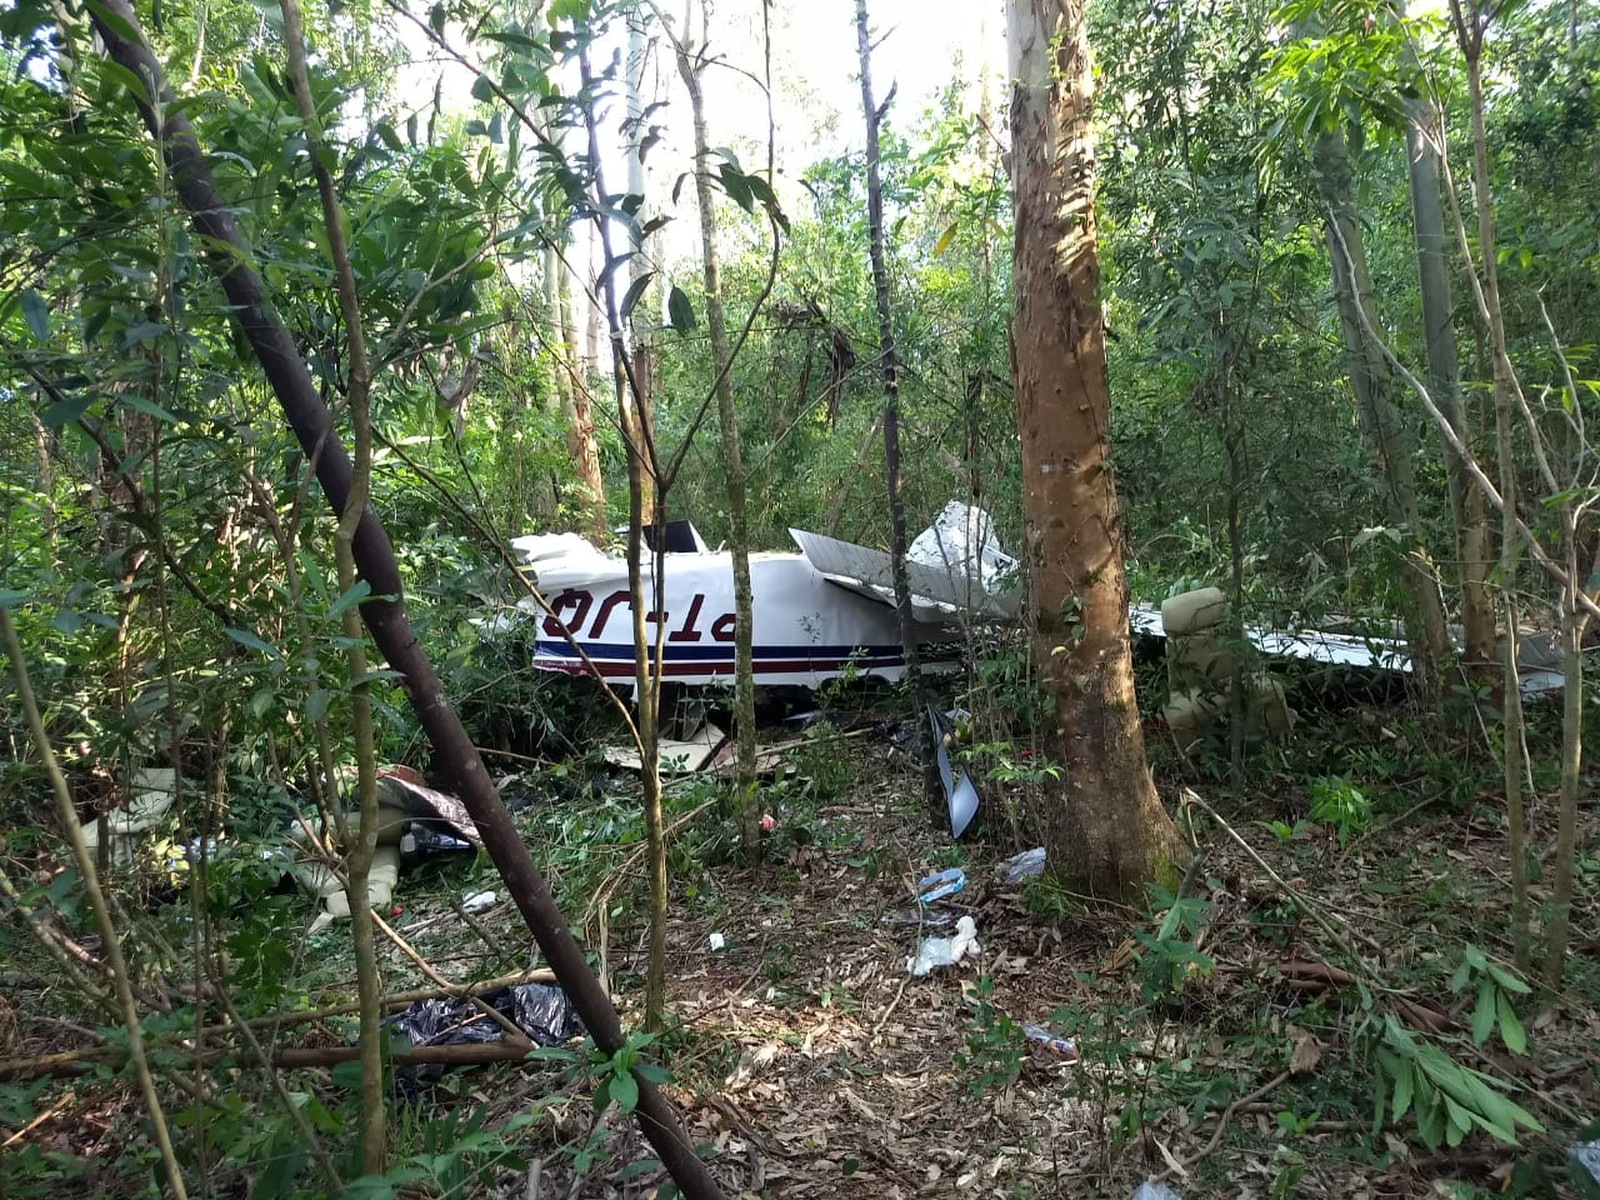 Morre quarta vítima da queda de avião, em Cascavel